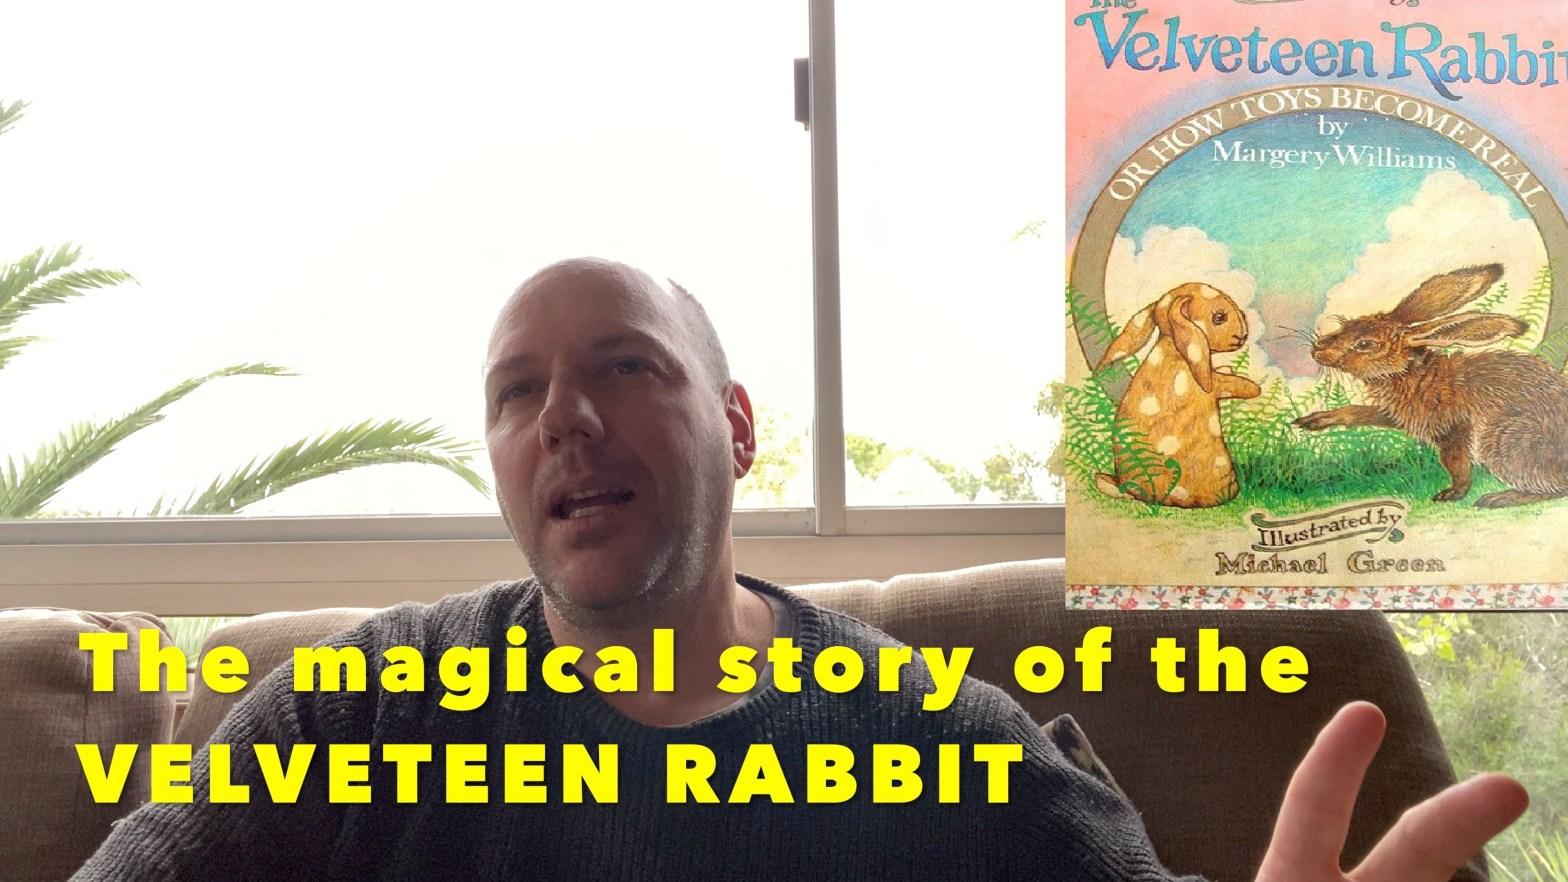 The Spiritual Story of the Velveteen Rabbit